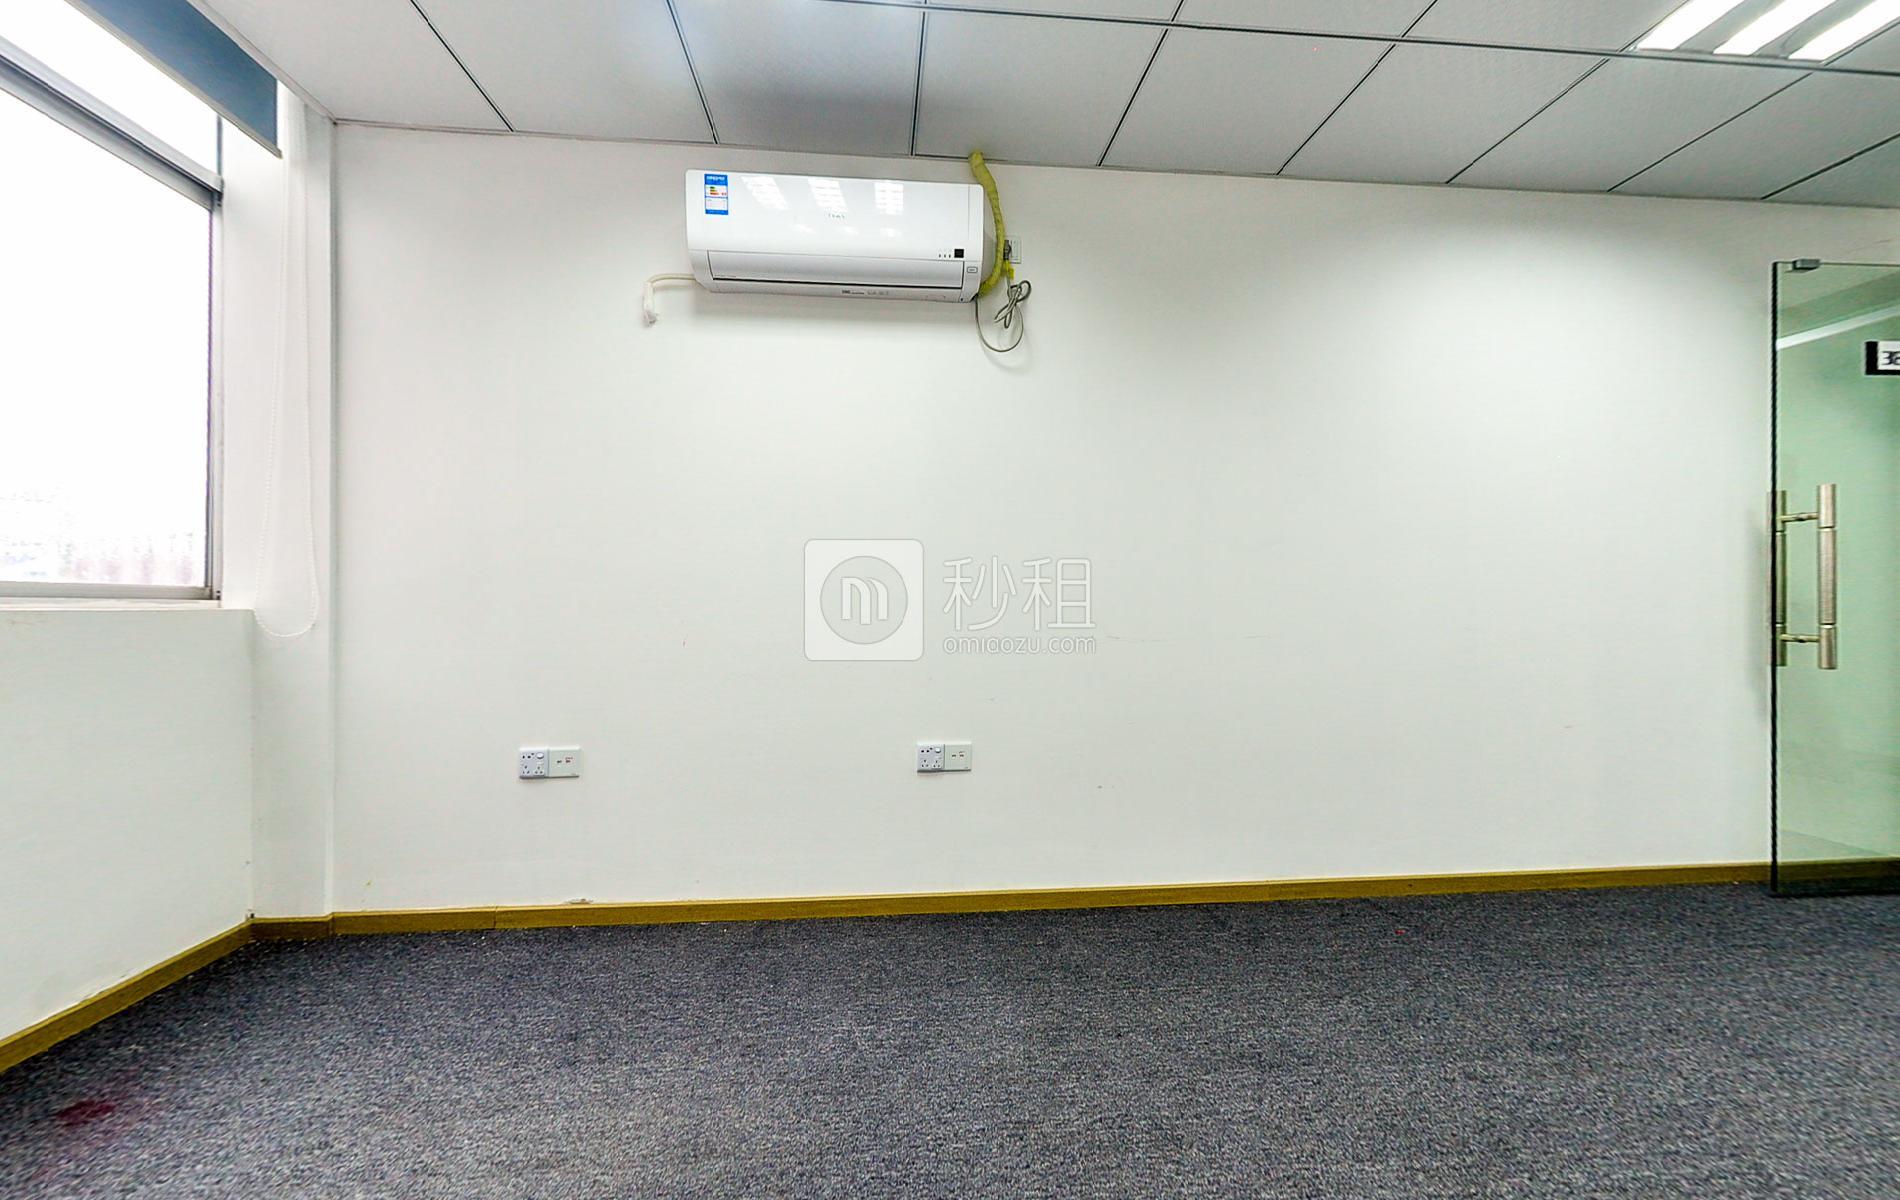 大运软件小镇-谷粒公社写字楼出租15平米毛坯办公室120元/m².月